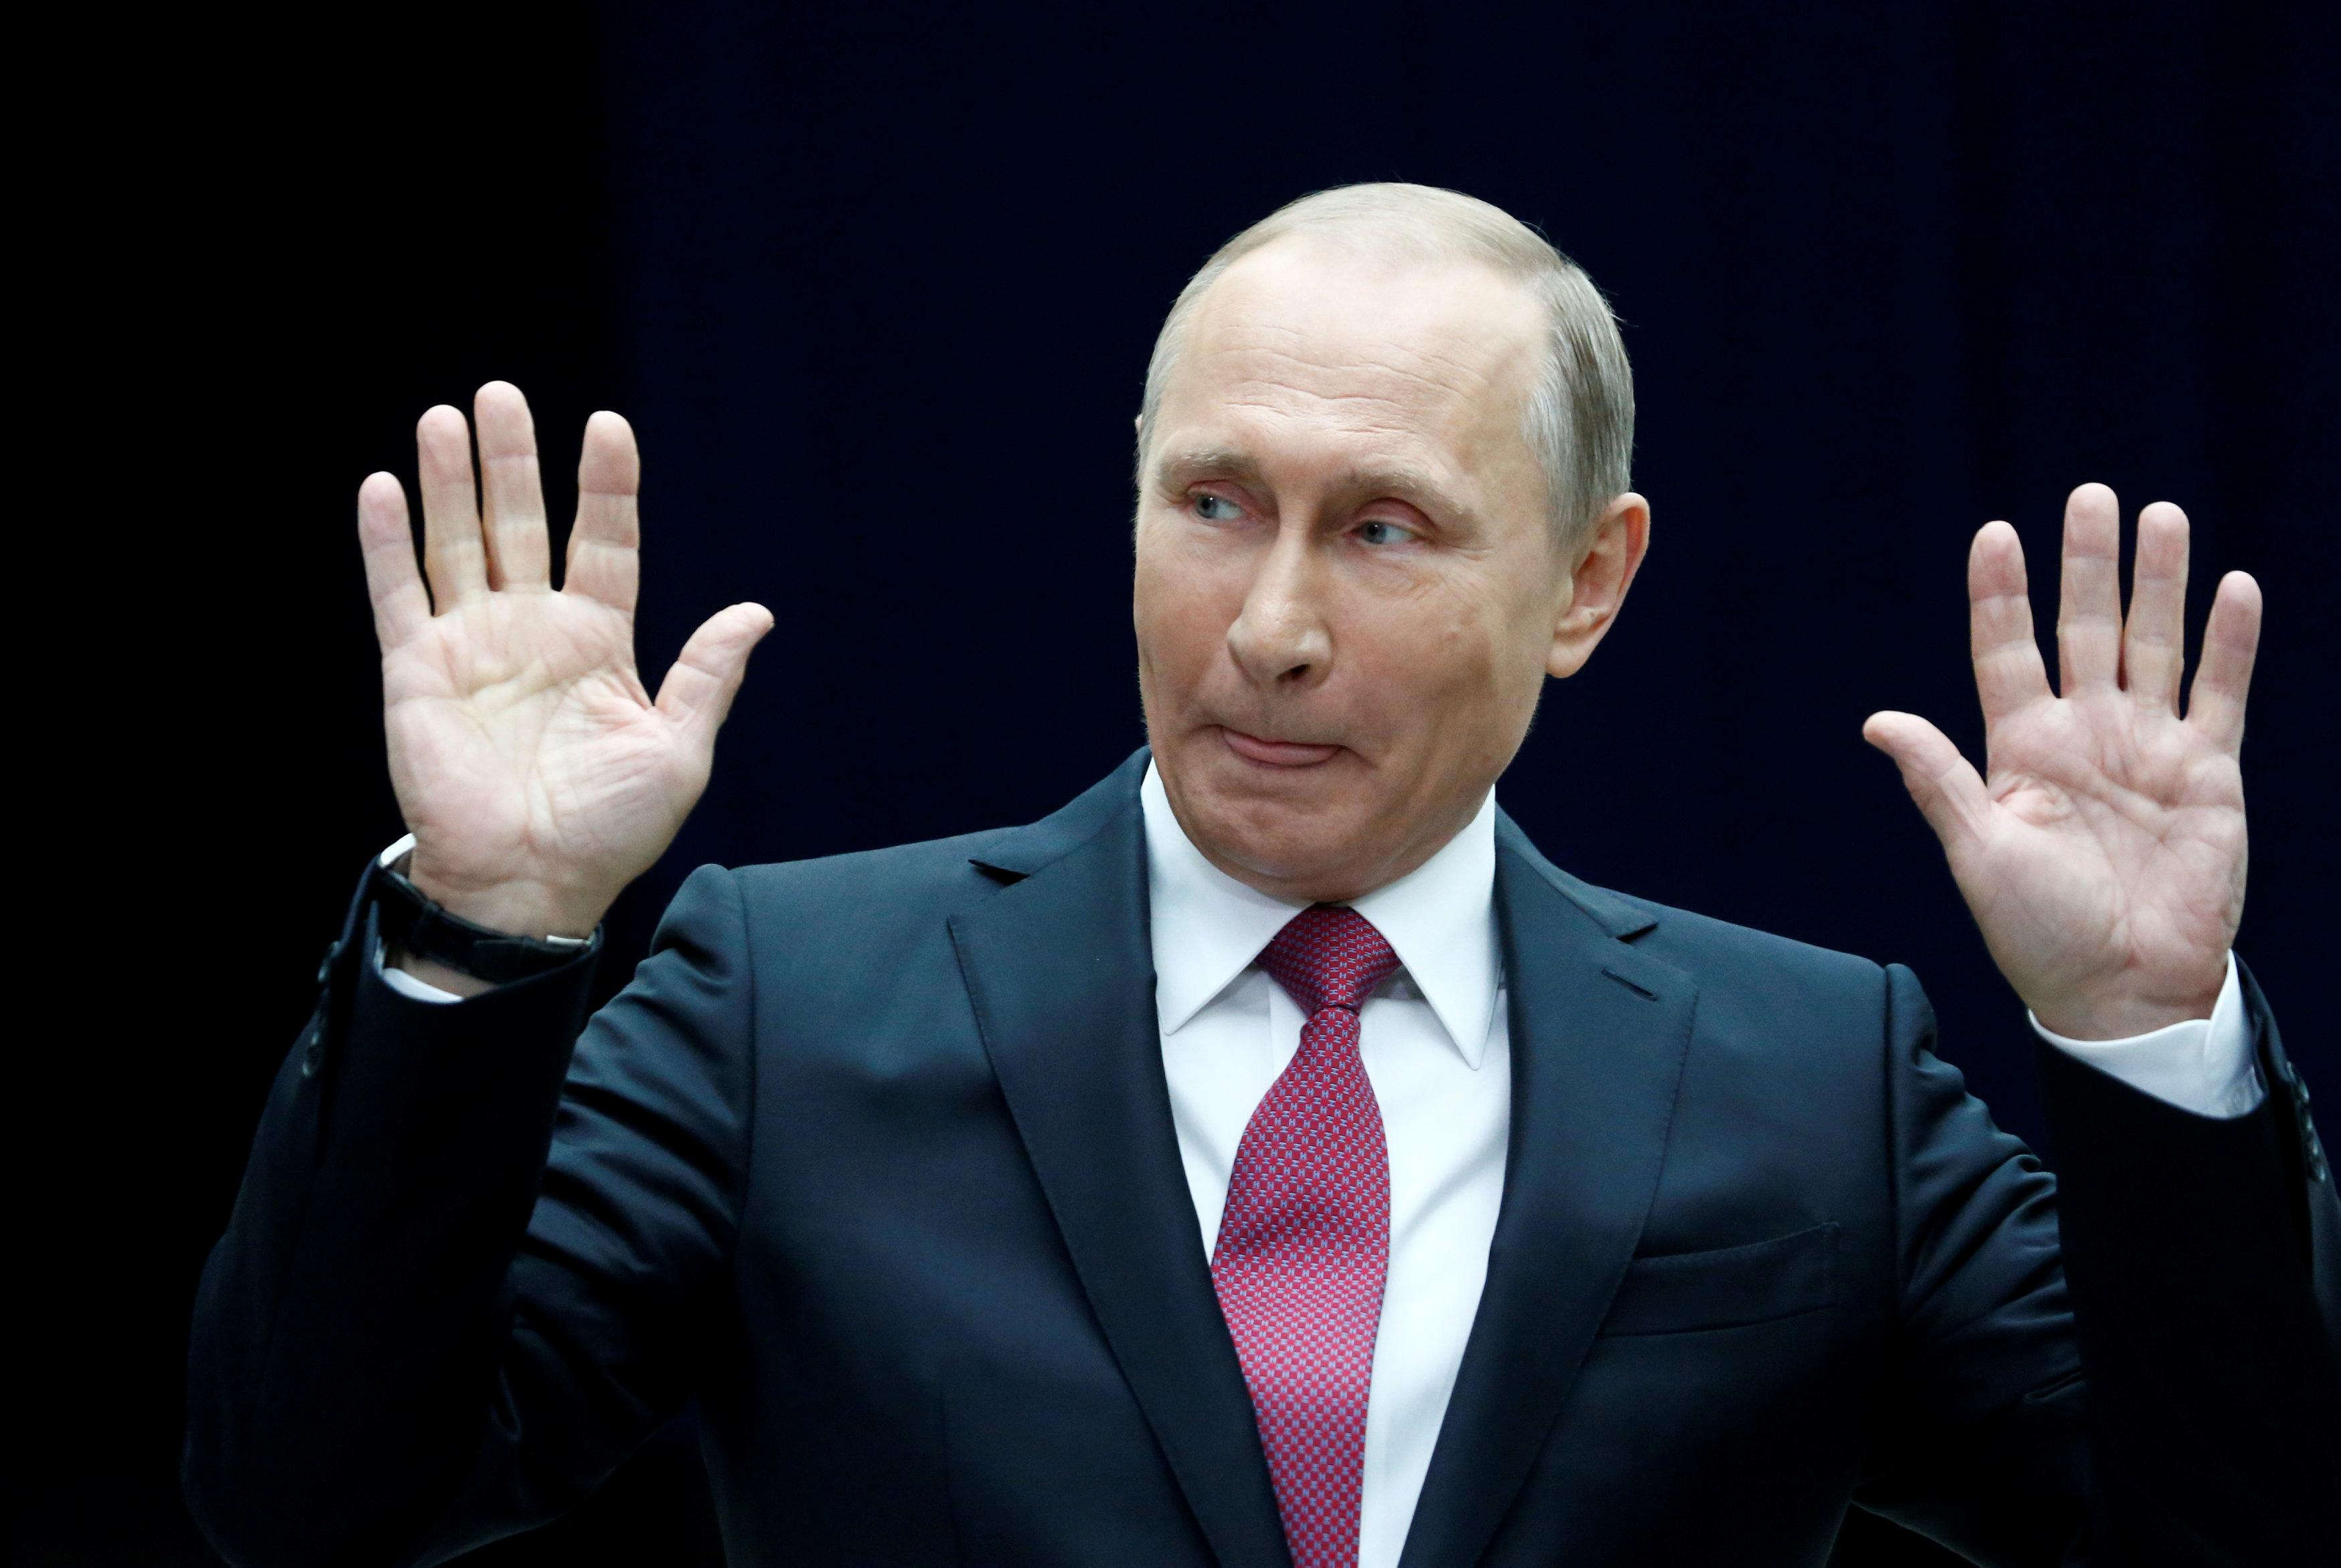 Vladímir Putin confiesa que no usa 'smartphone' ni tiene redes sociales | El Imparcial de Oaxaca